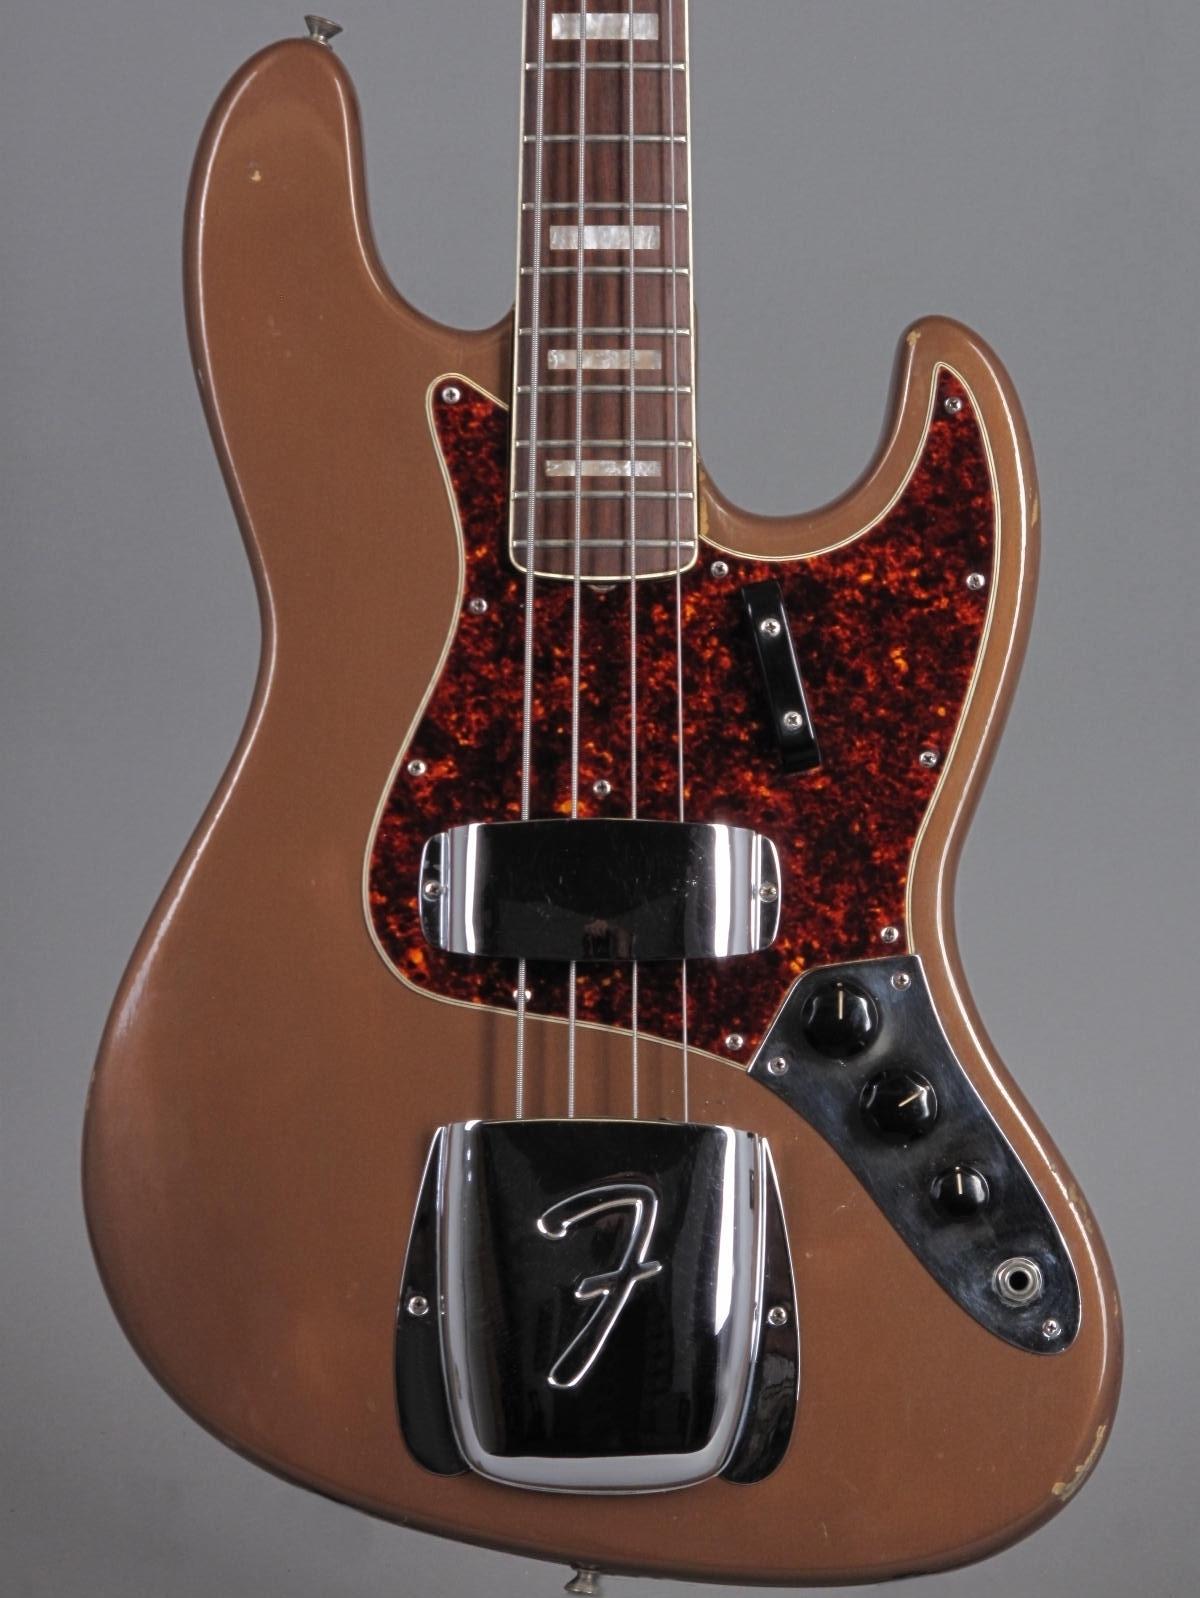 1967 Fender Jazz Bass - Fire Mist Gold (refin)